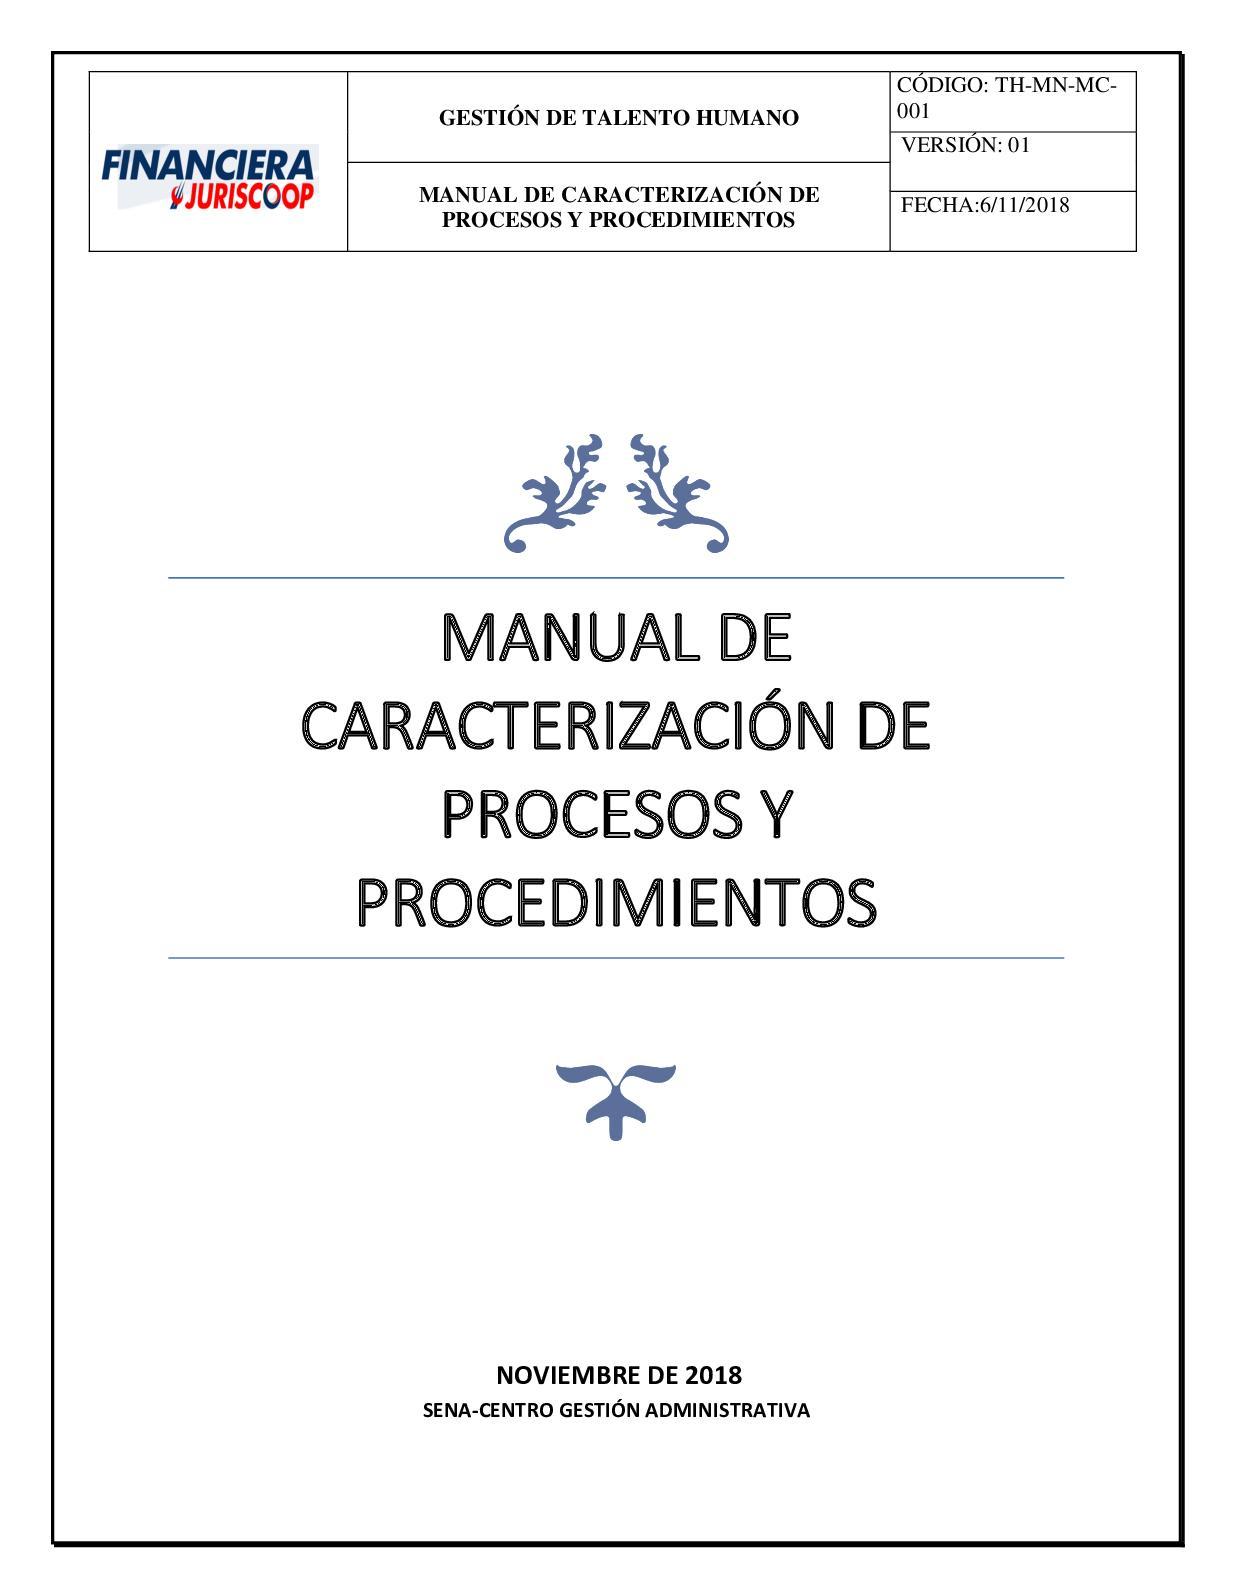 Manual De Caracterizacion De Procesos Y Procedimientos 01